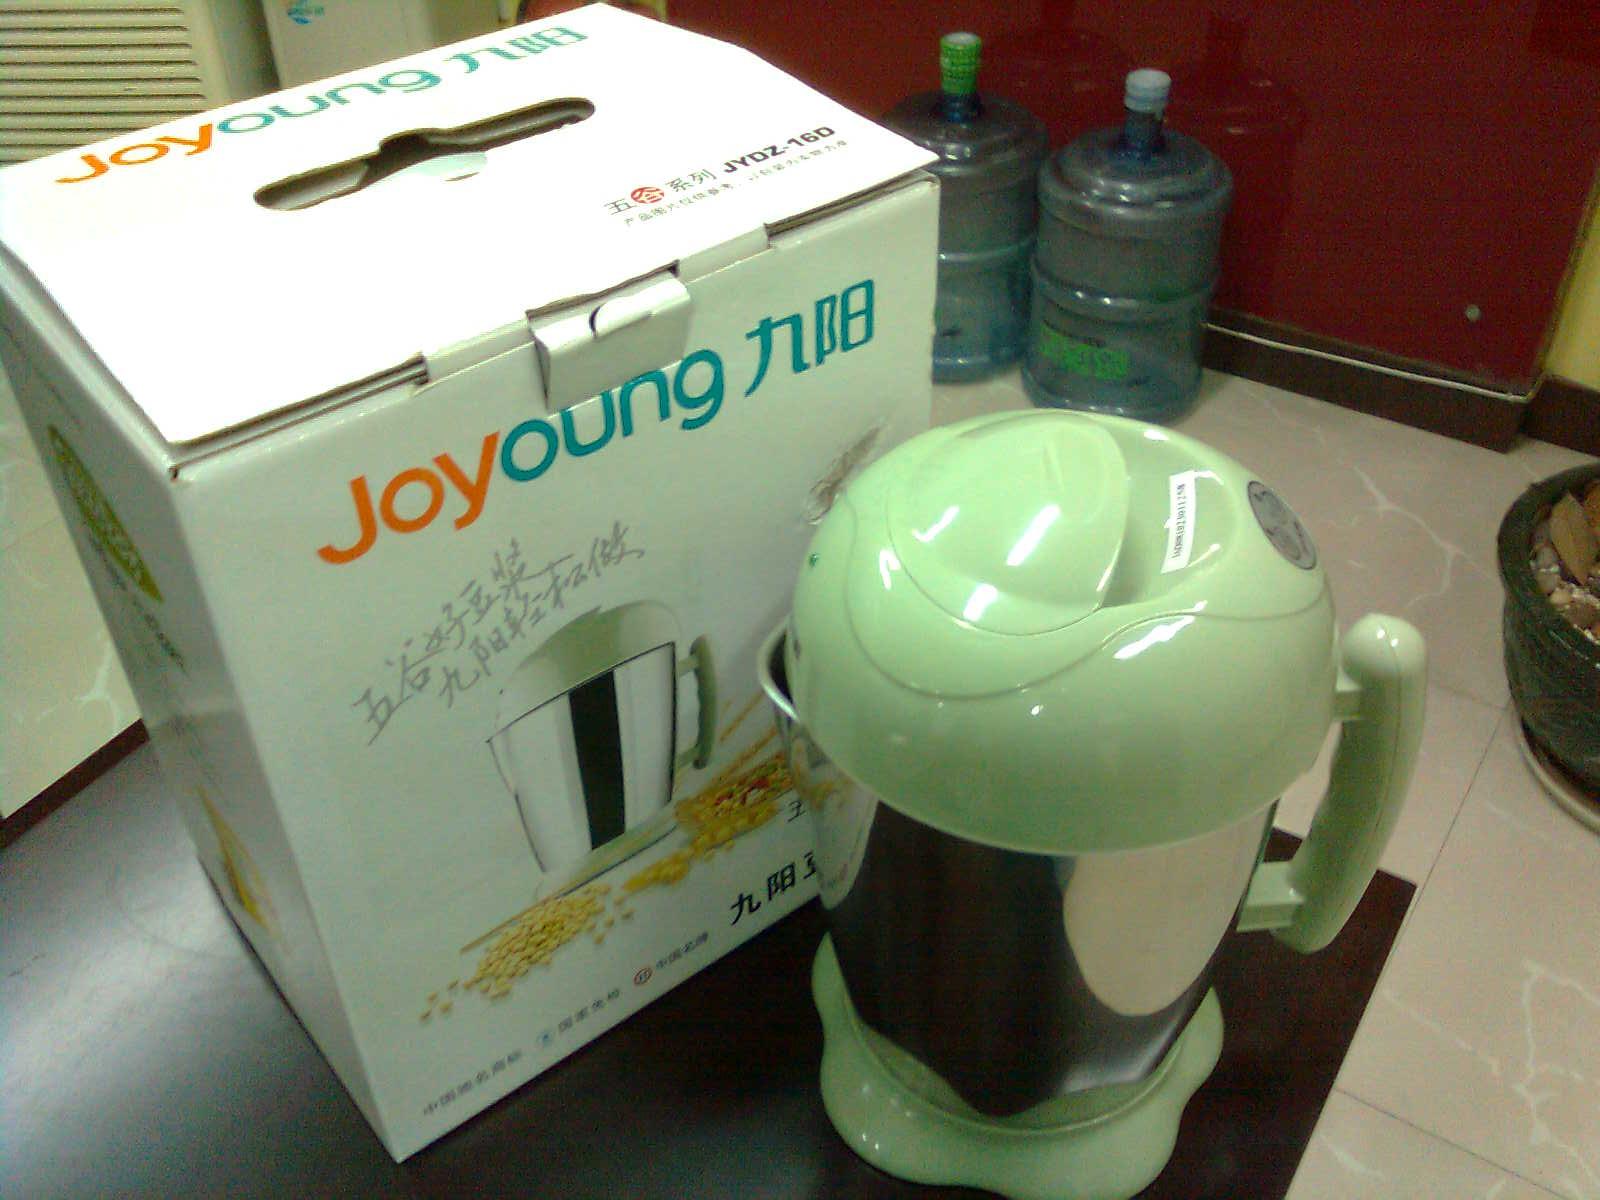 九阳豆浆机jydz-16d型产品简介: 九阳全自动家用豆浆机